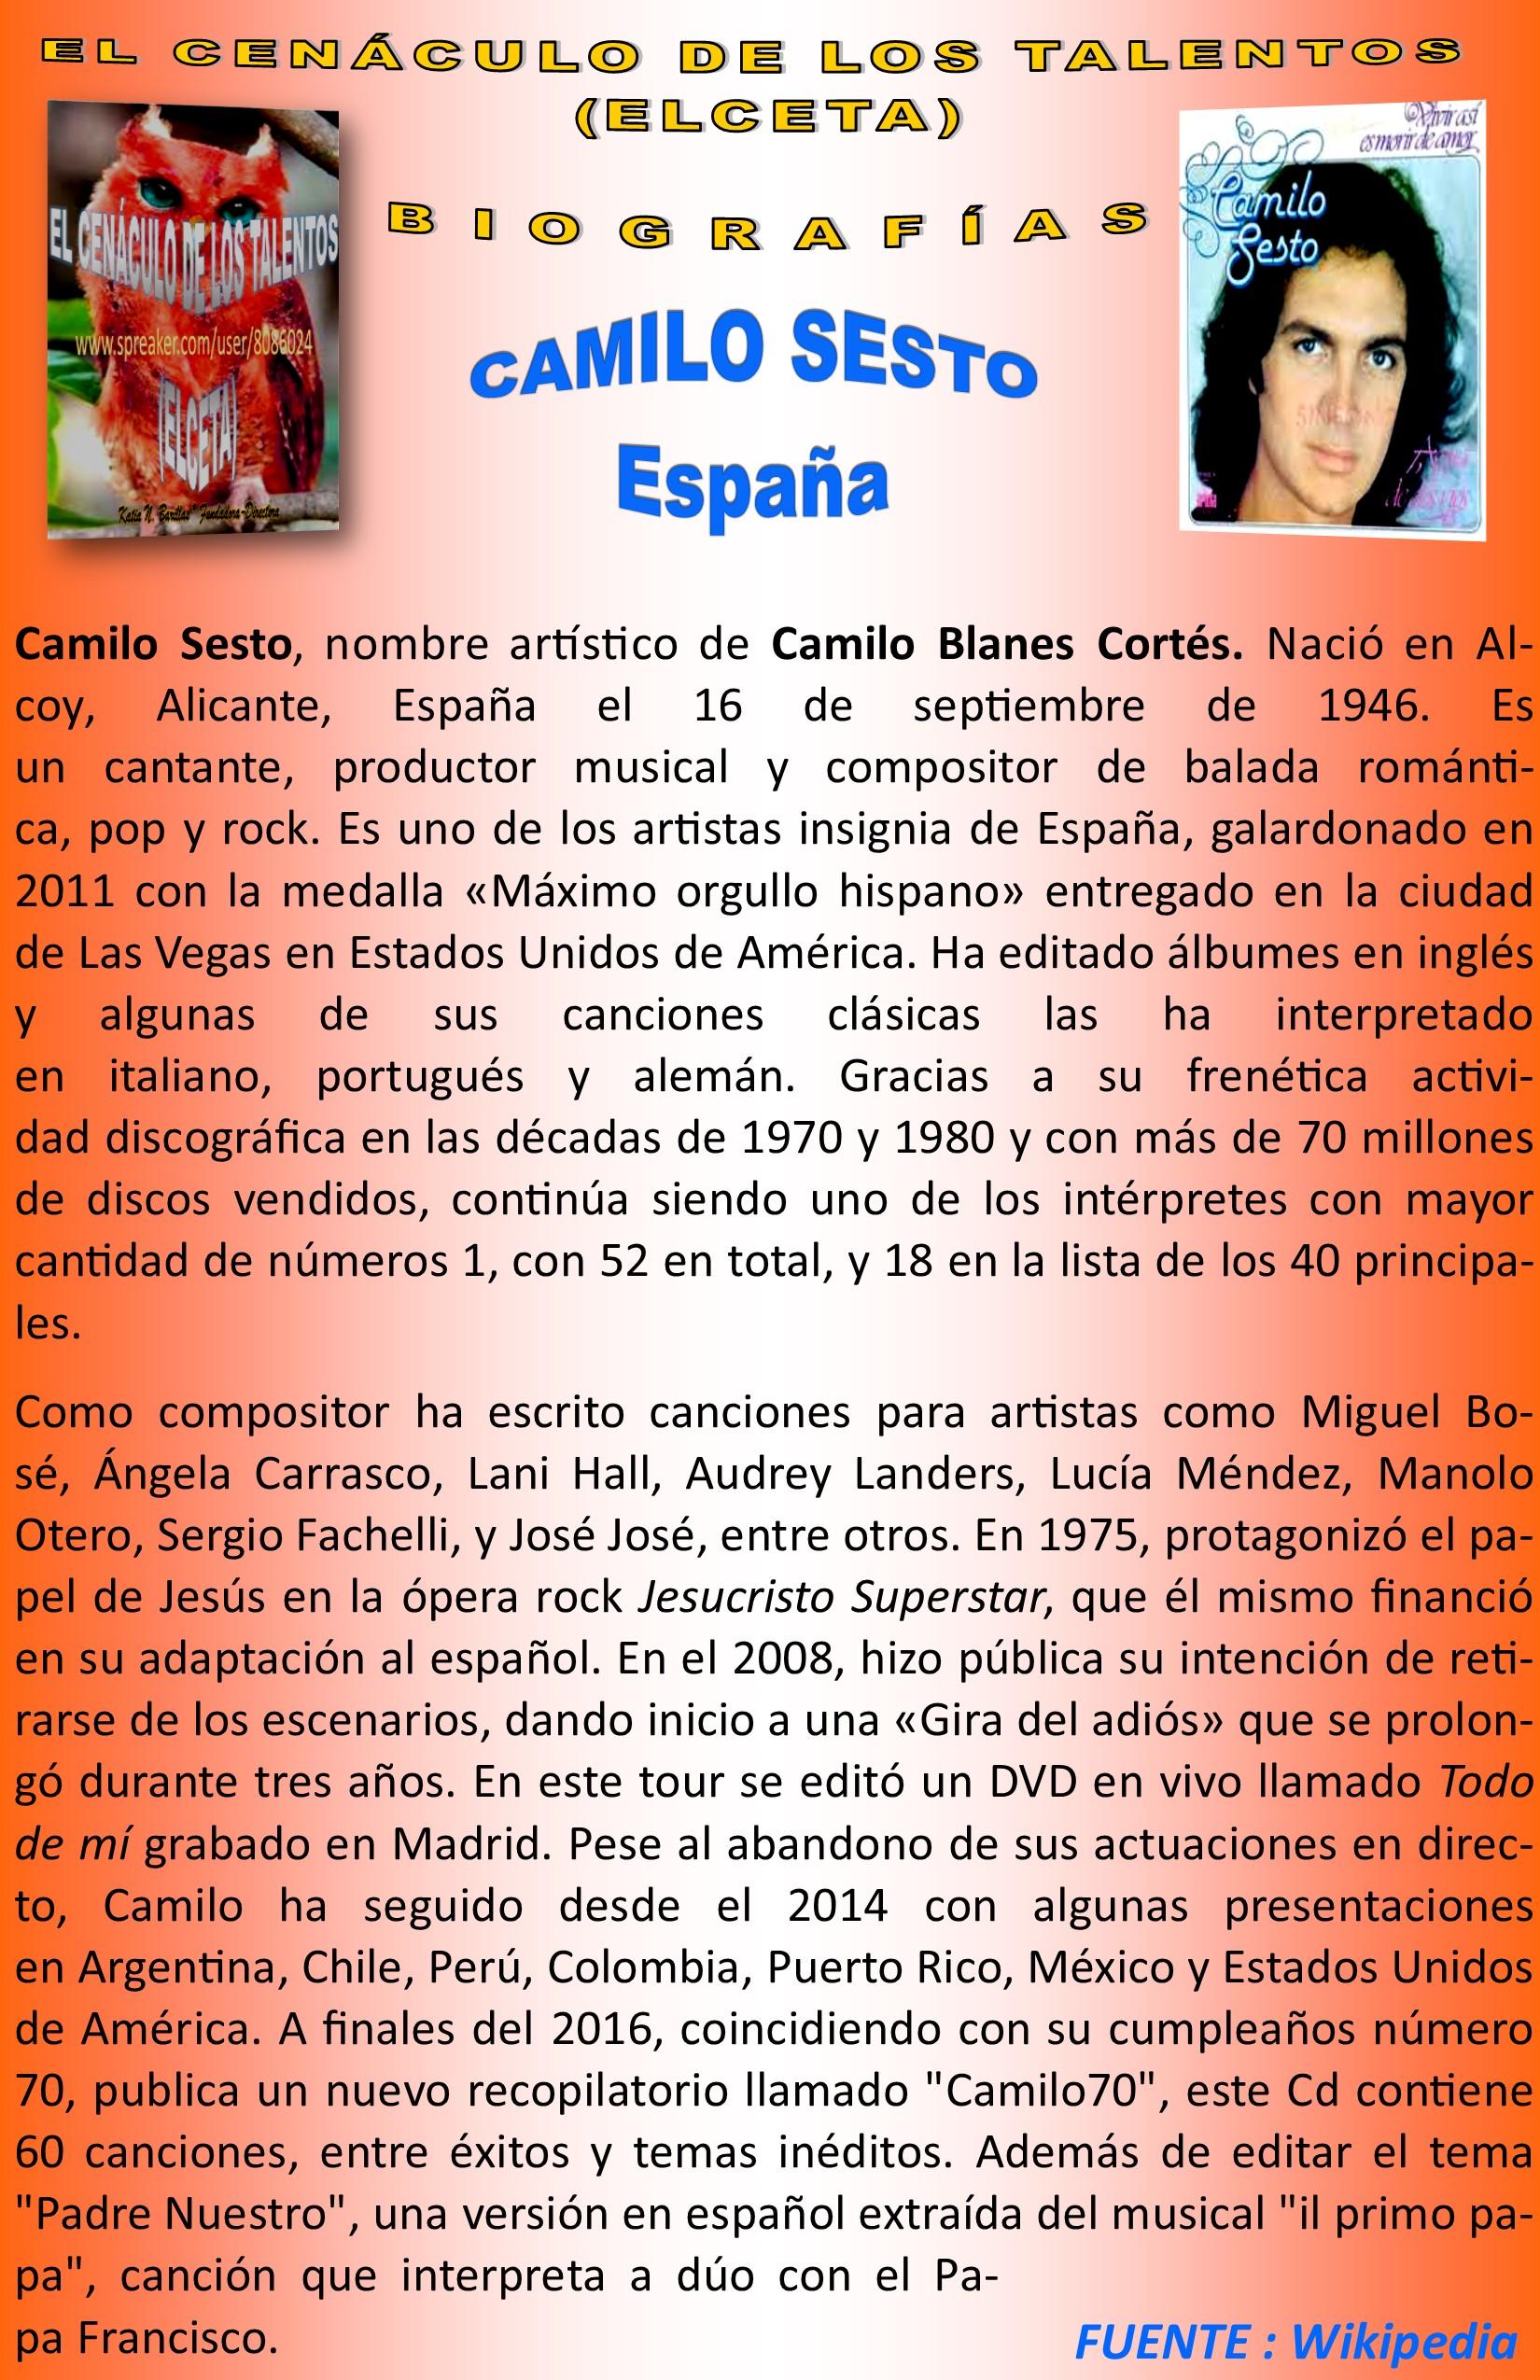 ARTEcamilosestoESPAÑA.jpg